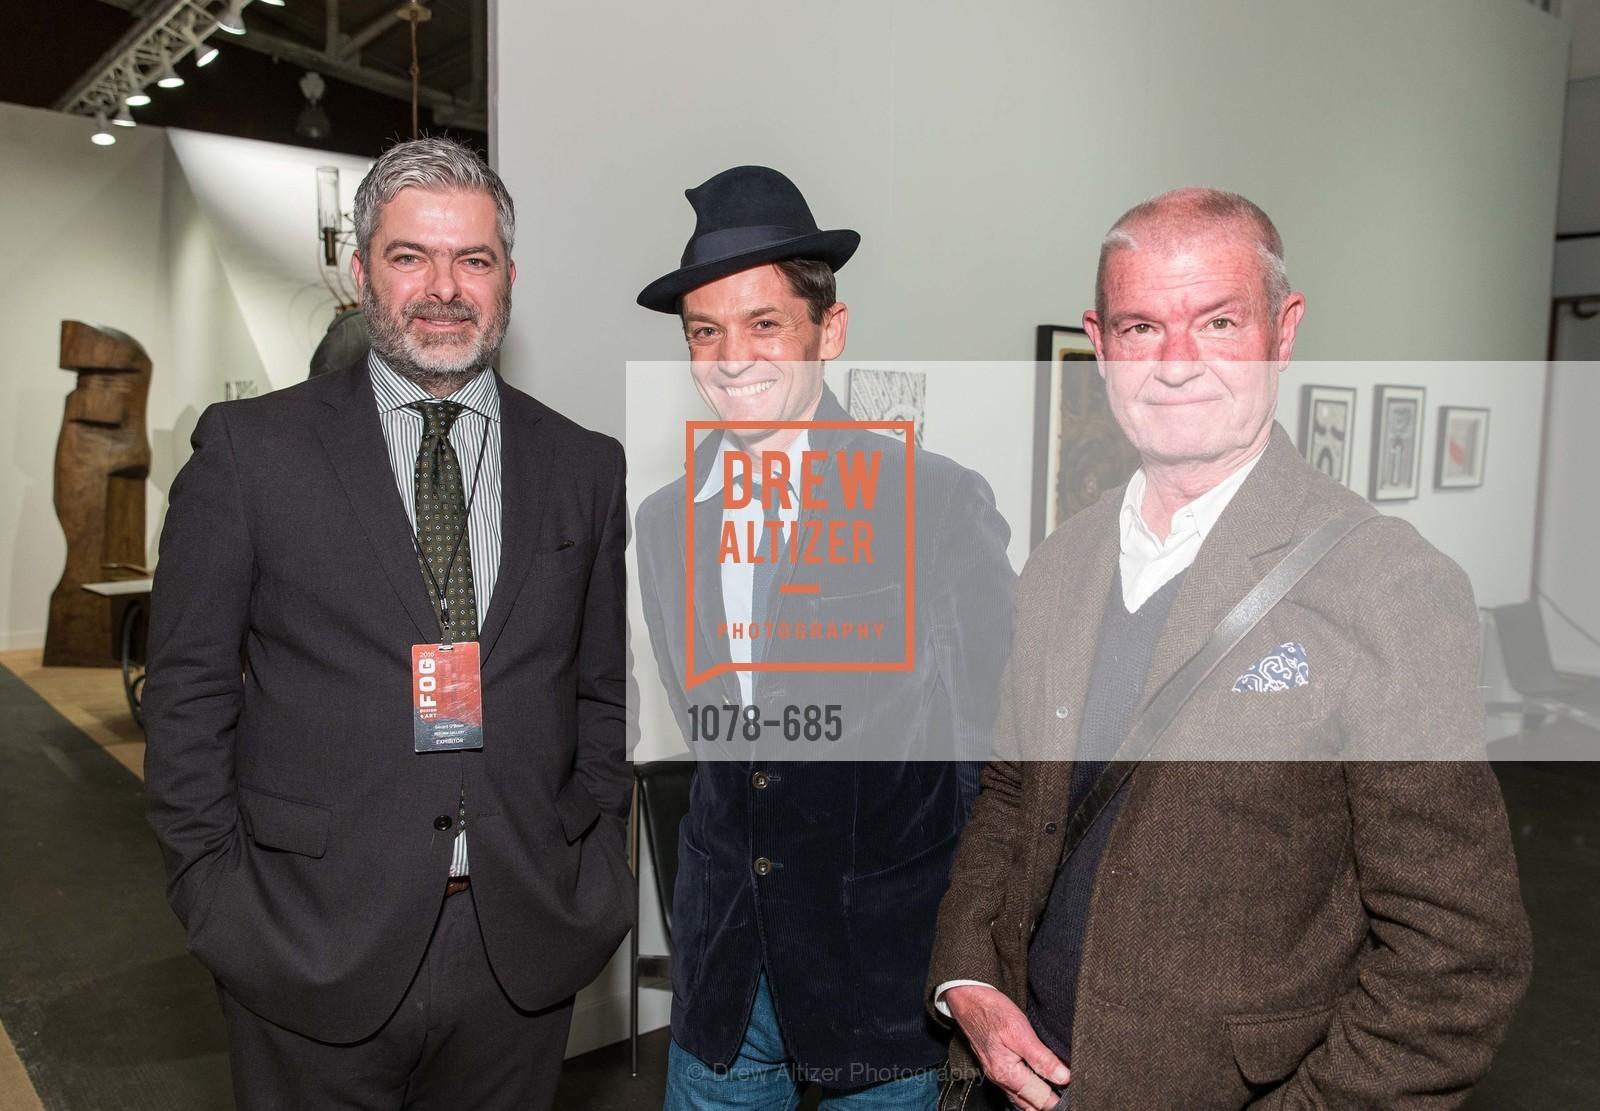 Gerard O'Brien, Daniel de la Falaise, Fletcher, Photo #1078-685